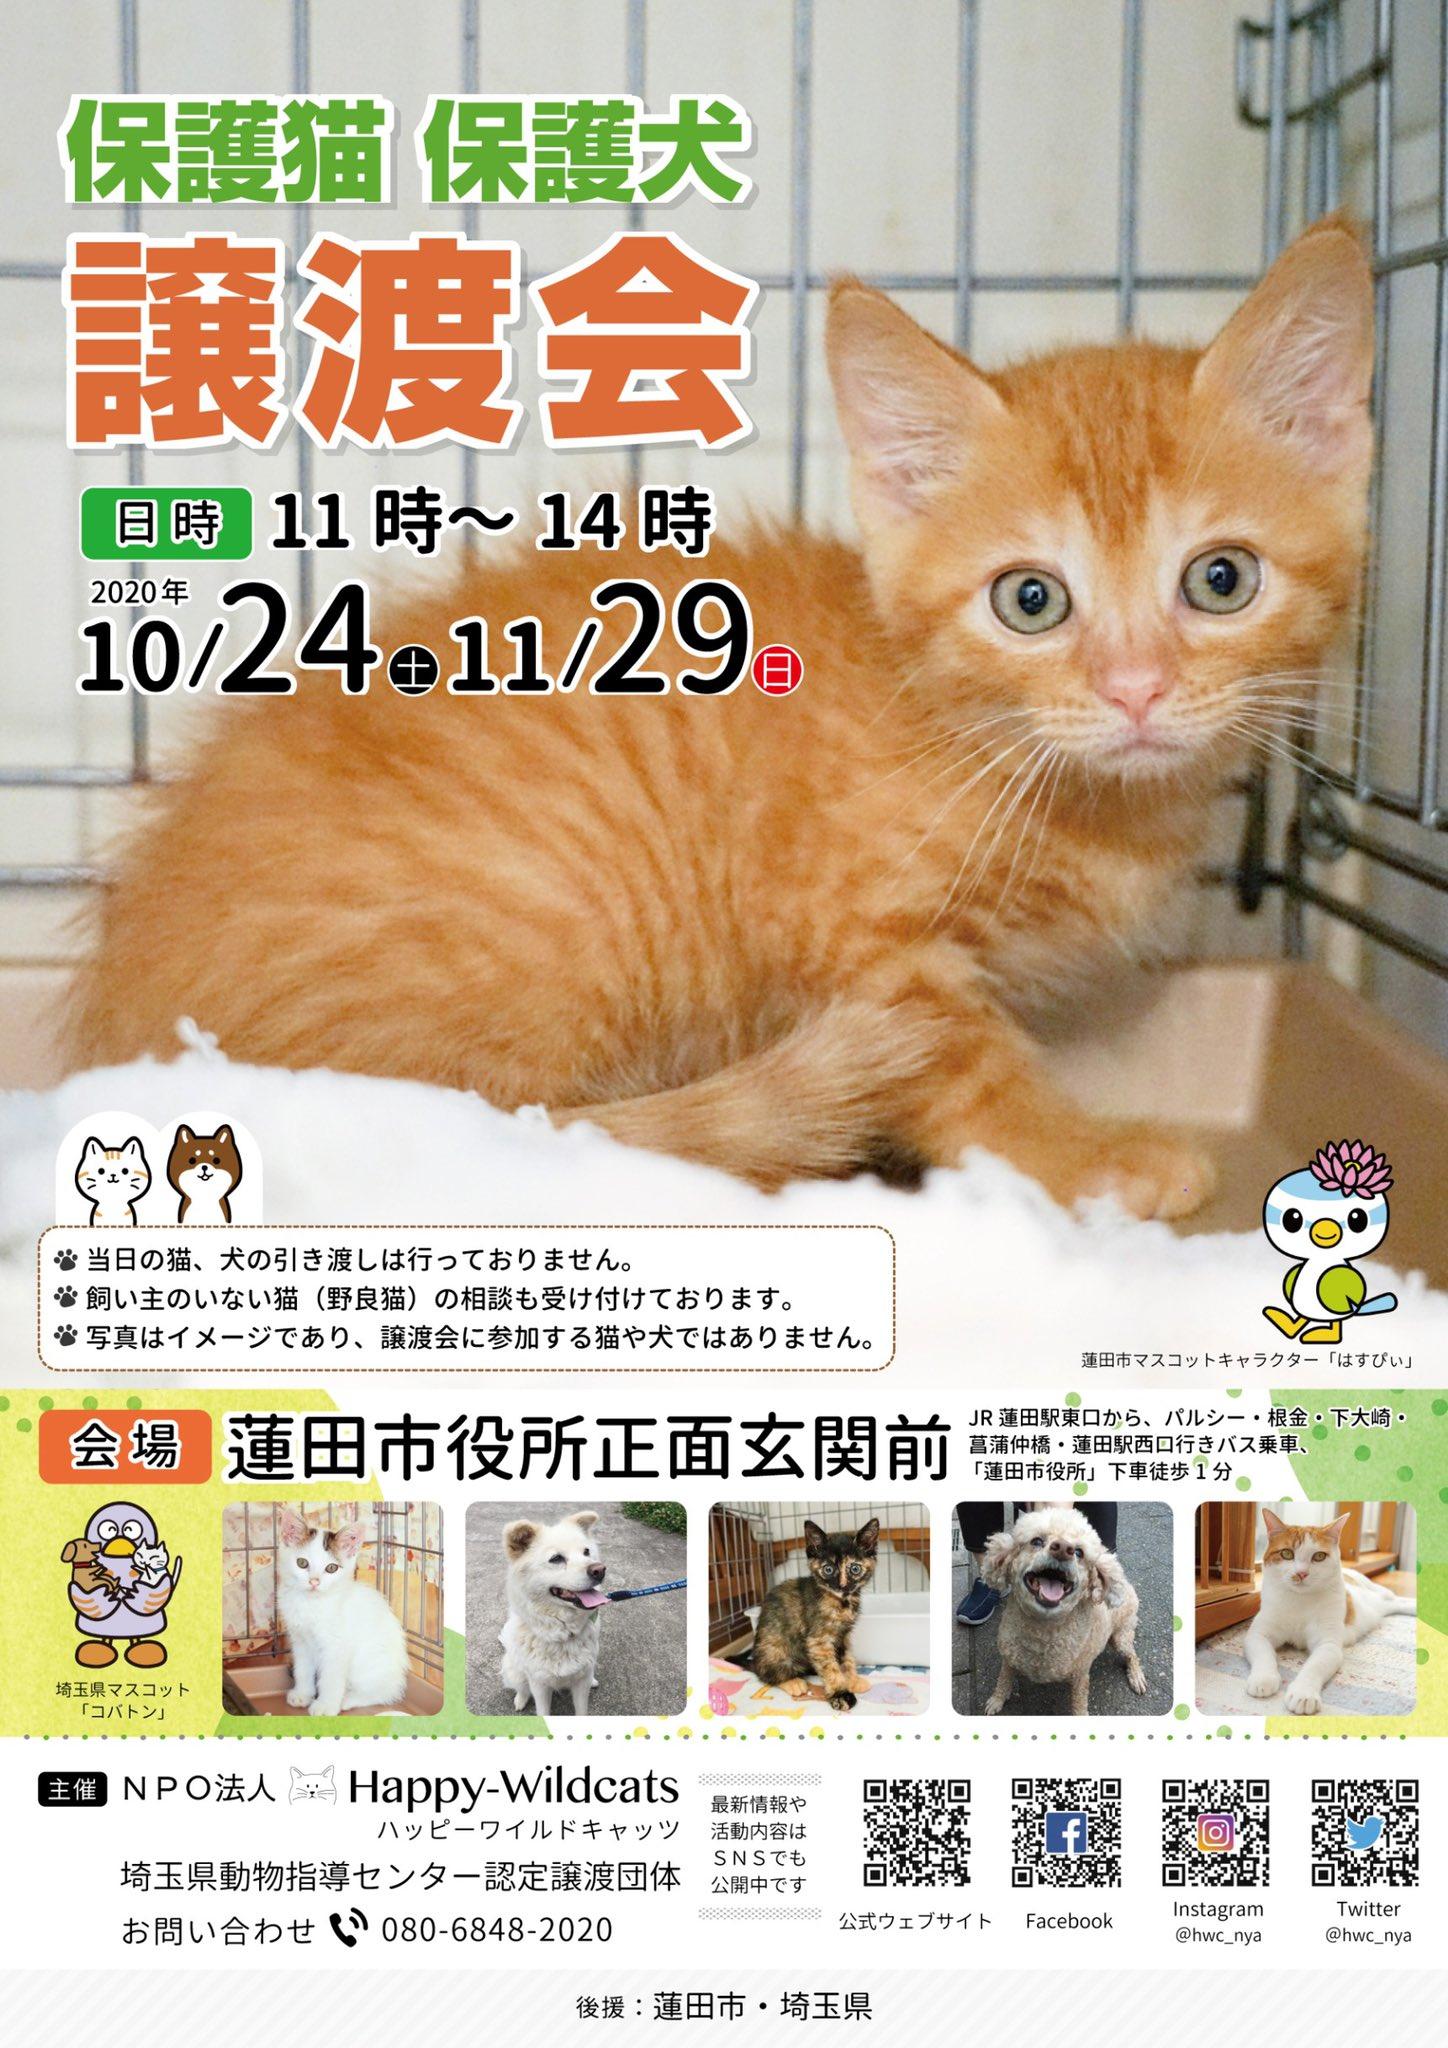 埼玉 保護 猫